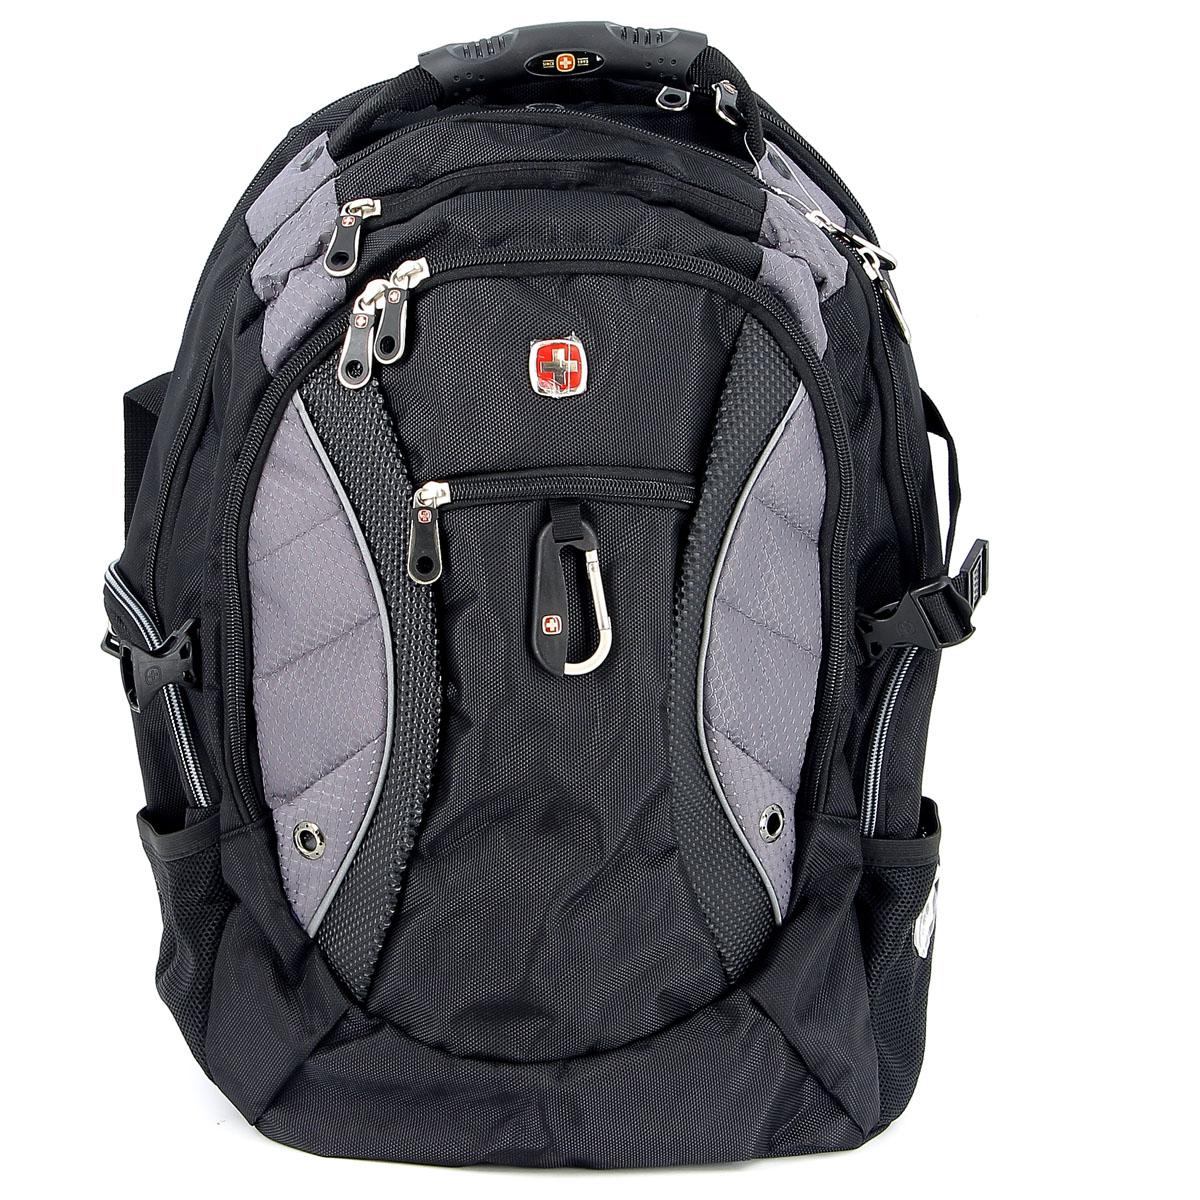 Рюкзак Wenger Neo, цвет: черный, серый, 35 см х 23 см х 48 см, 39 л1015215